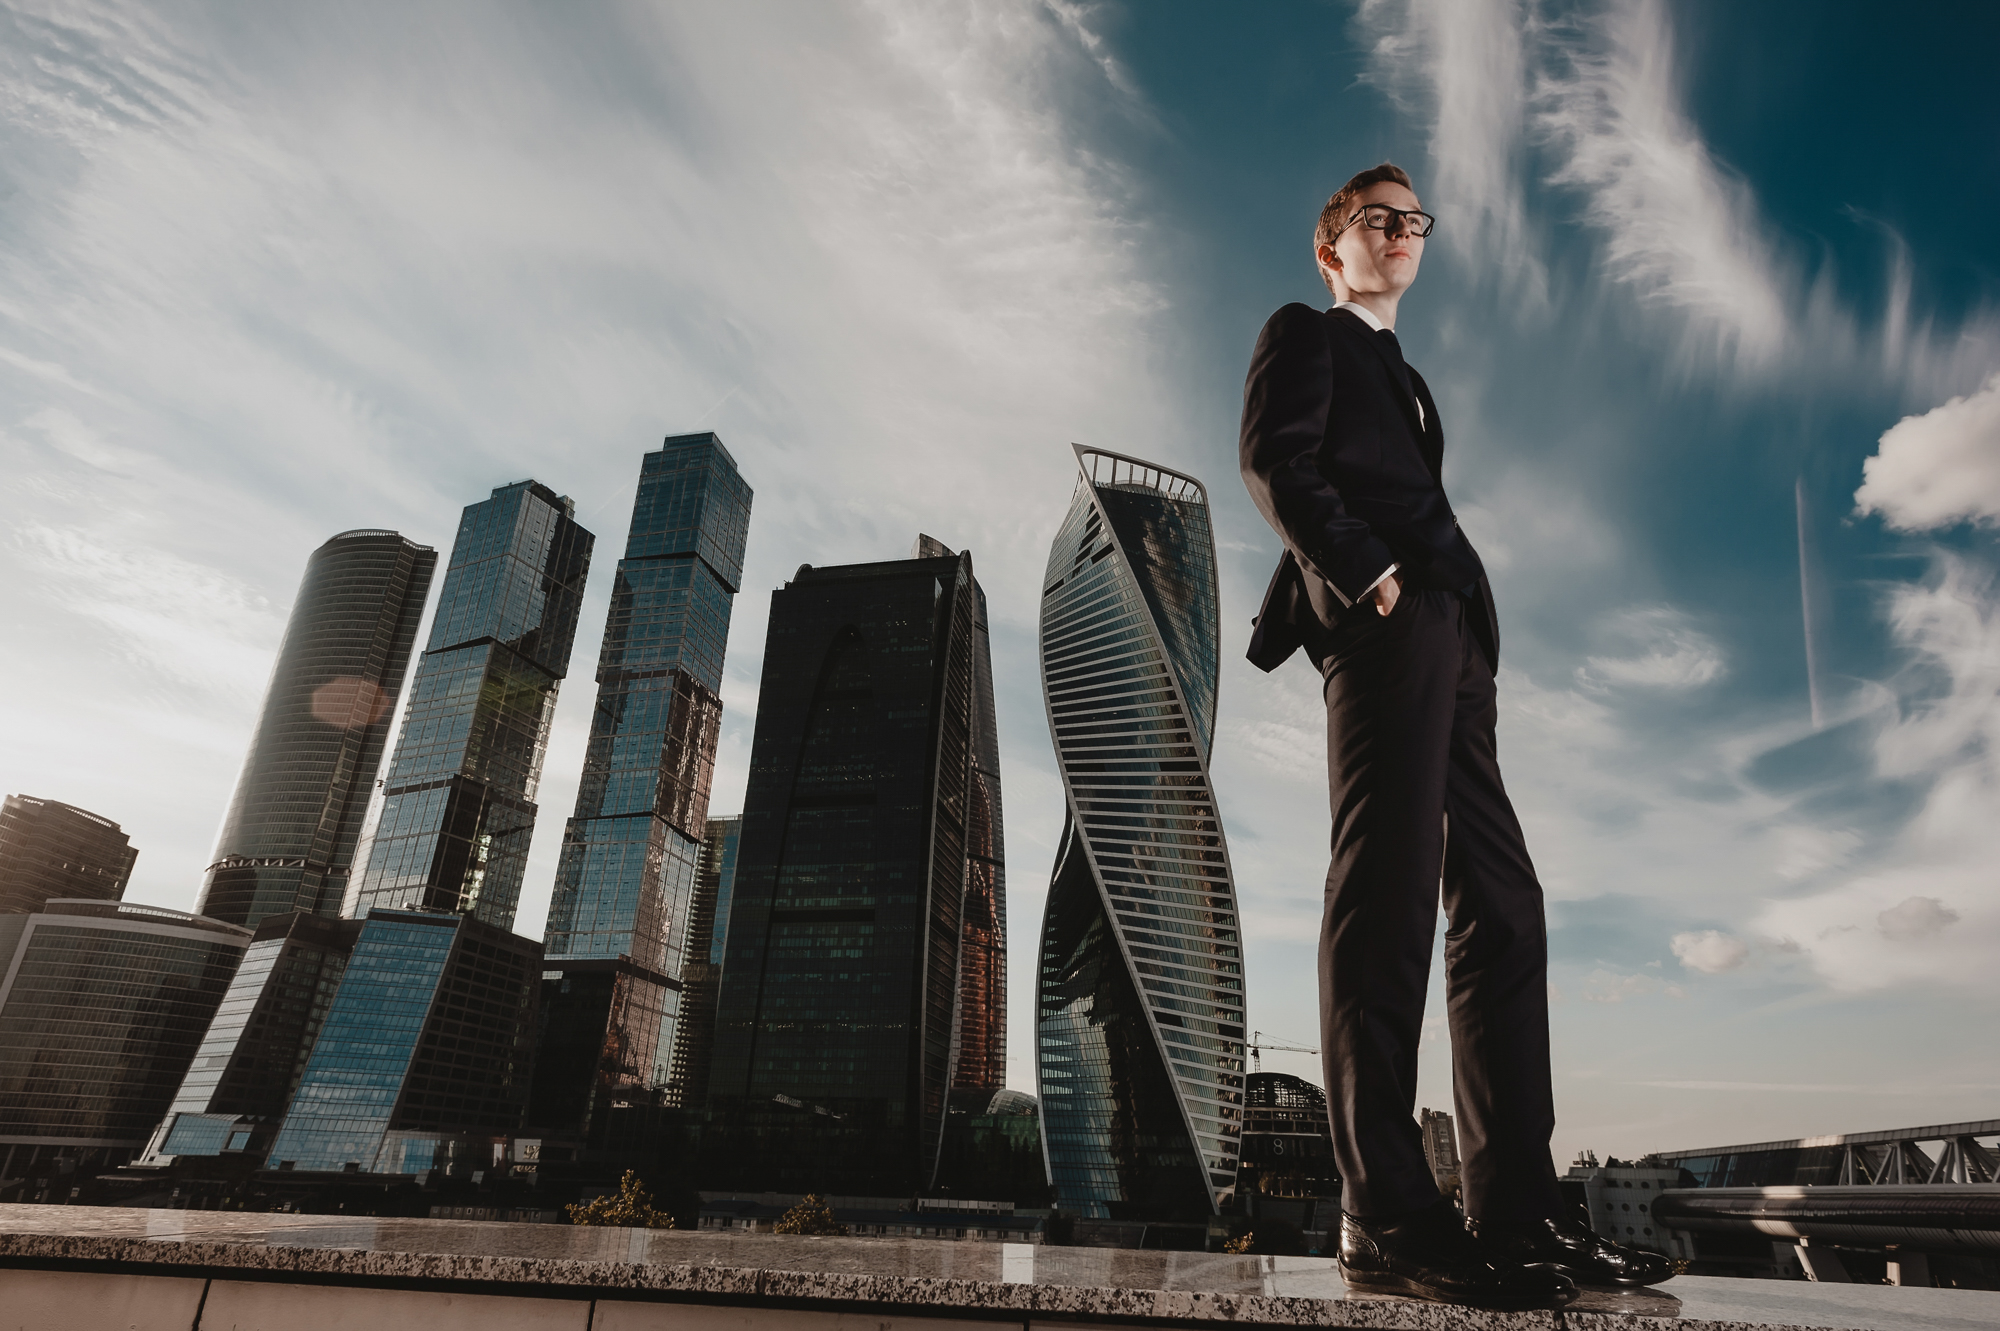 010 деловой портрет